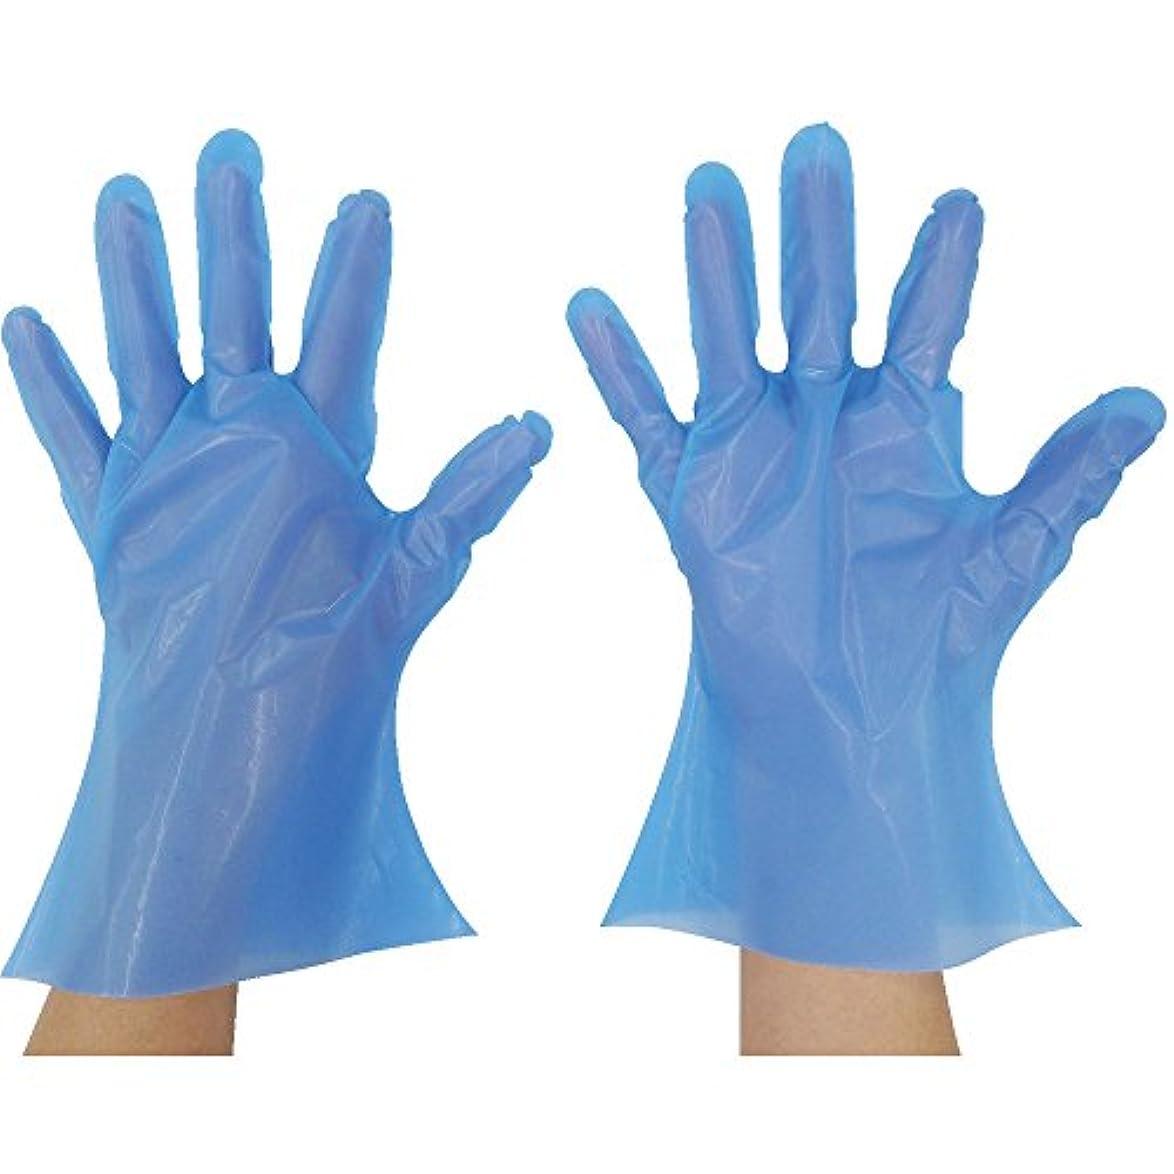 東京パック マイジャストニトポリグローブ SS ブルー NP-SS ポリエチレン使い捨て手袋